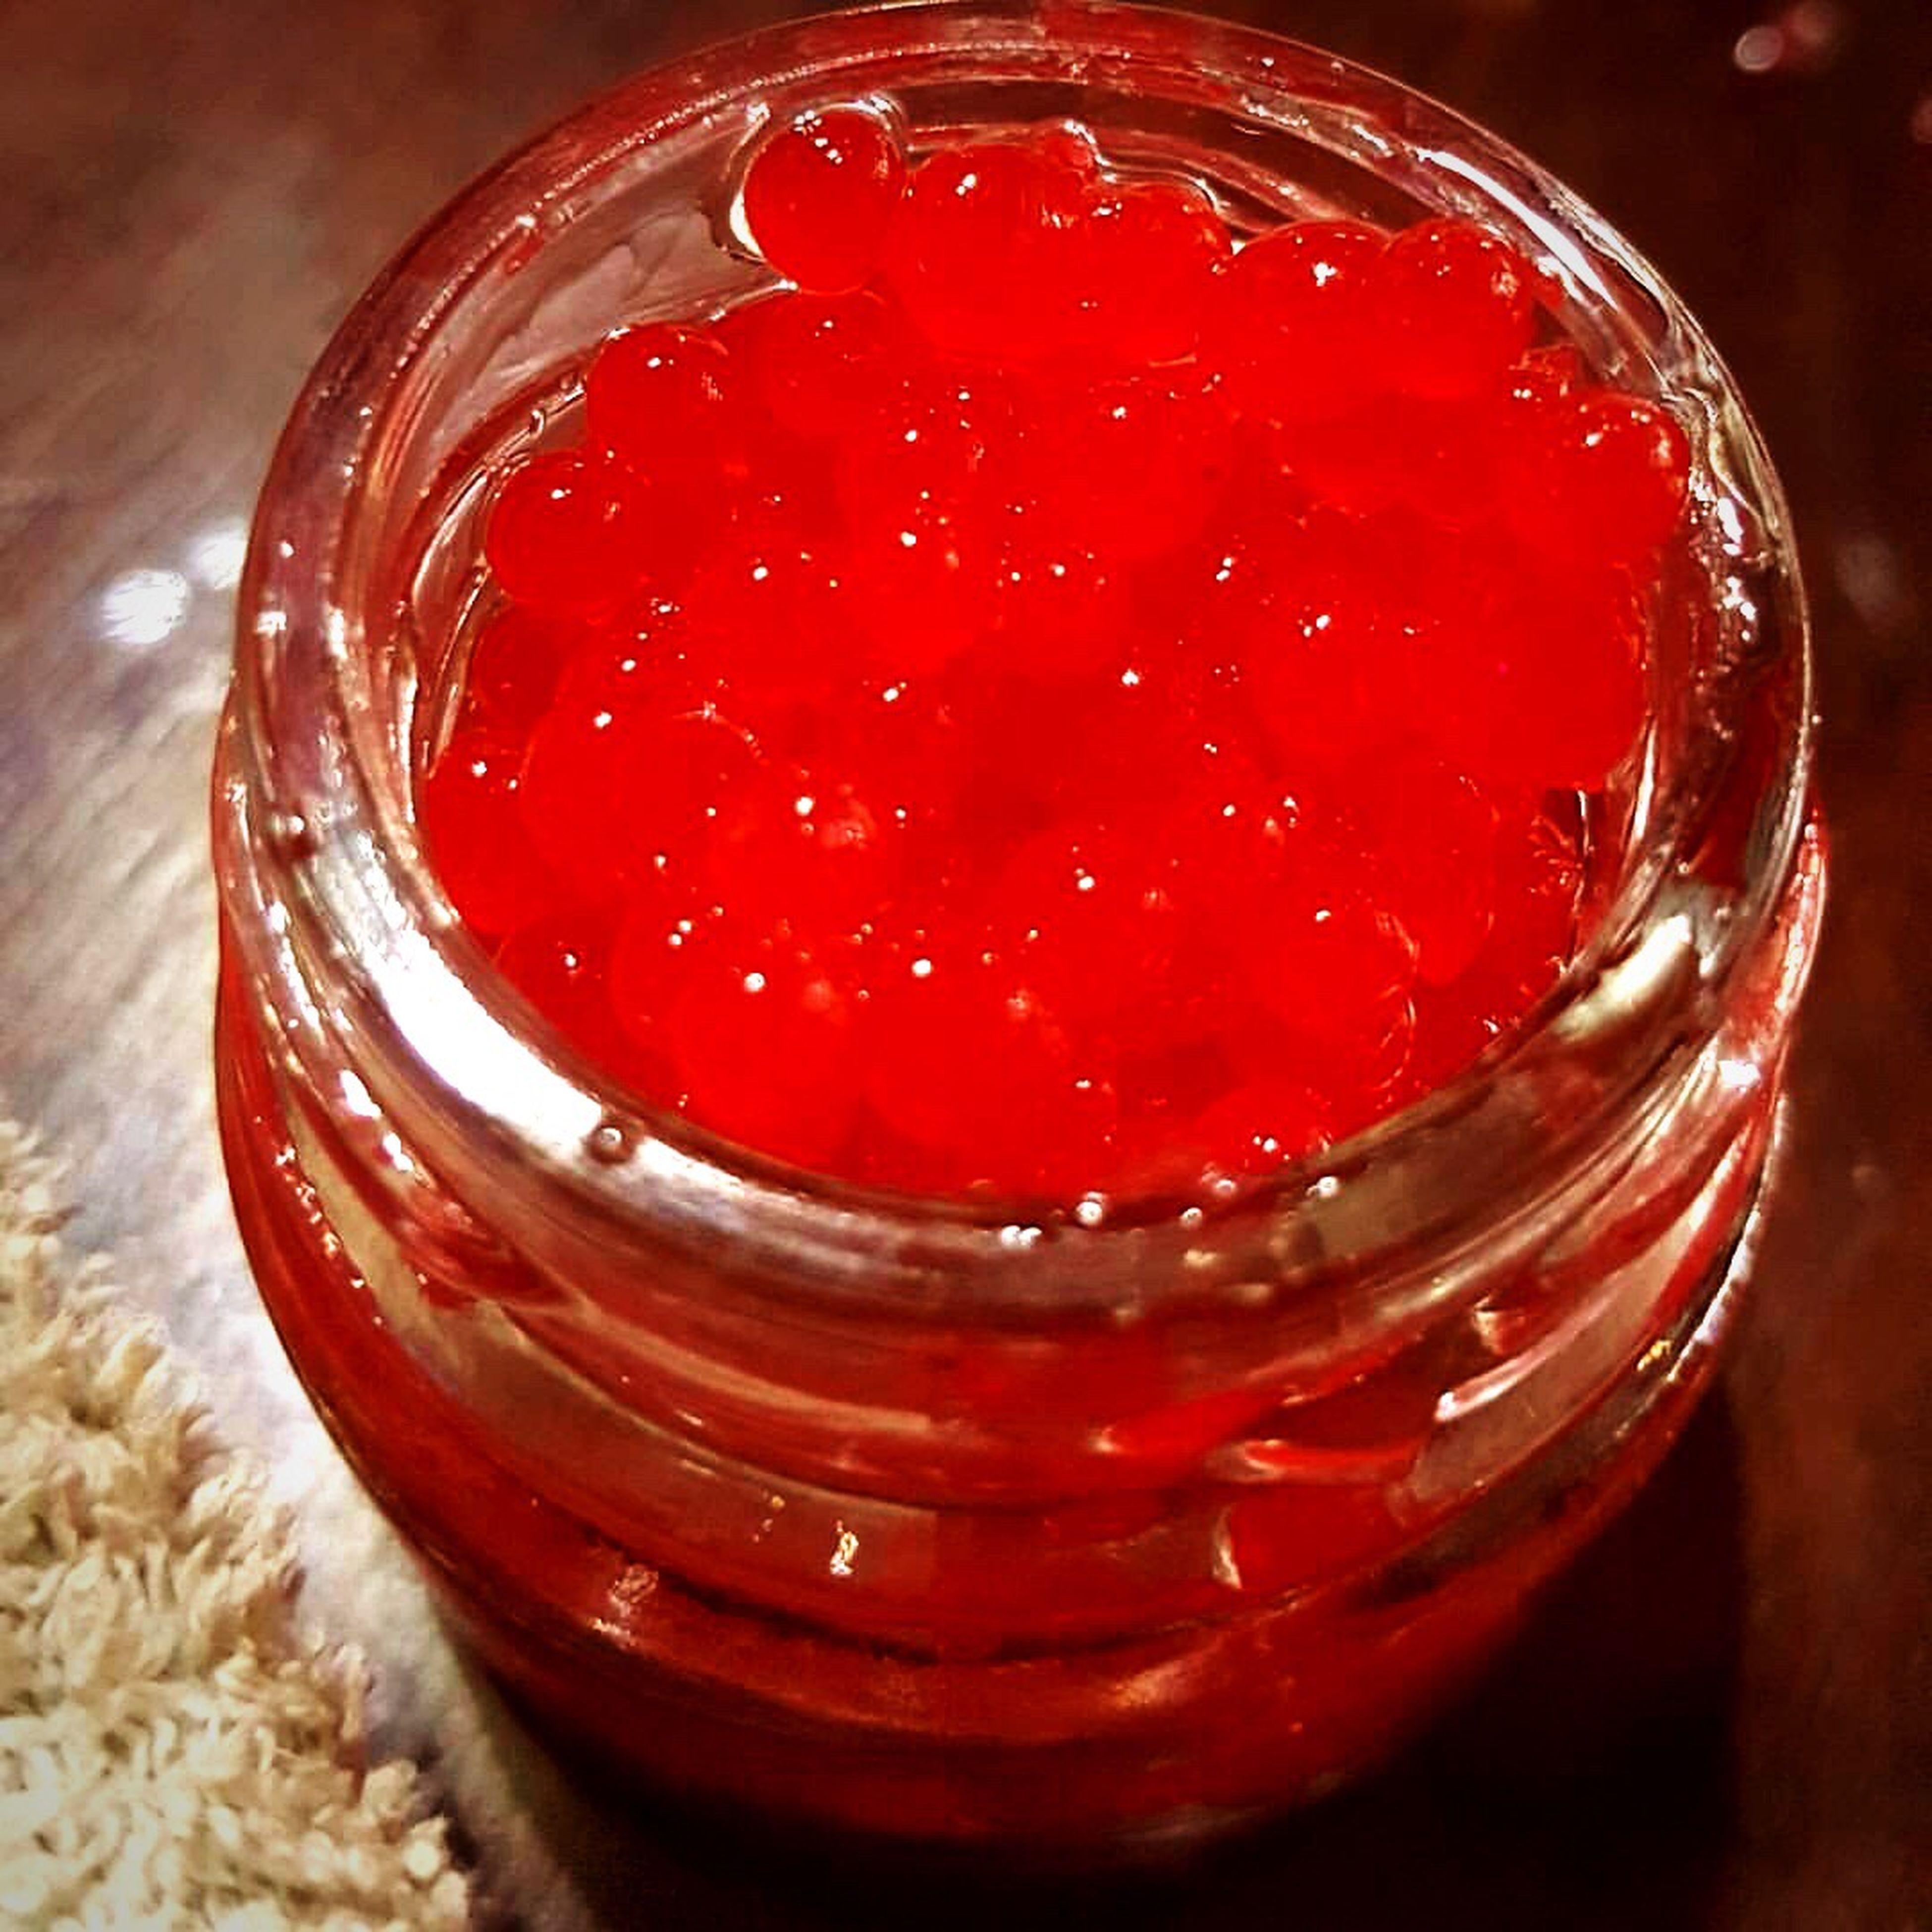 F. Caviar de FRAMBUESAS con Tabasco. by SABORES Deli Red Sweet Food Food Red Color Caviar Sabores Delicatessen Calidadenserio